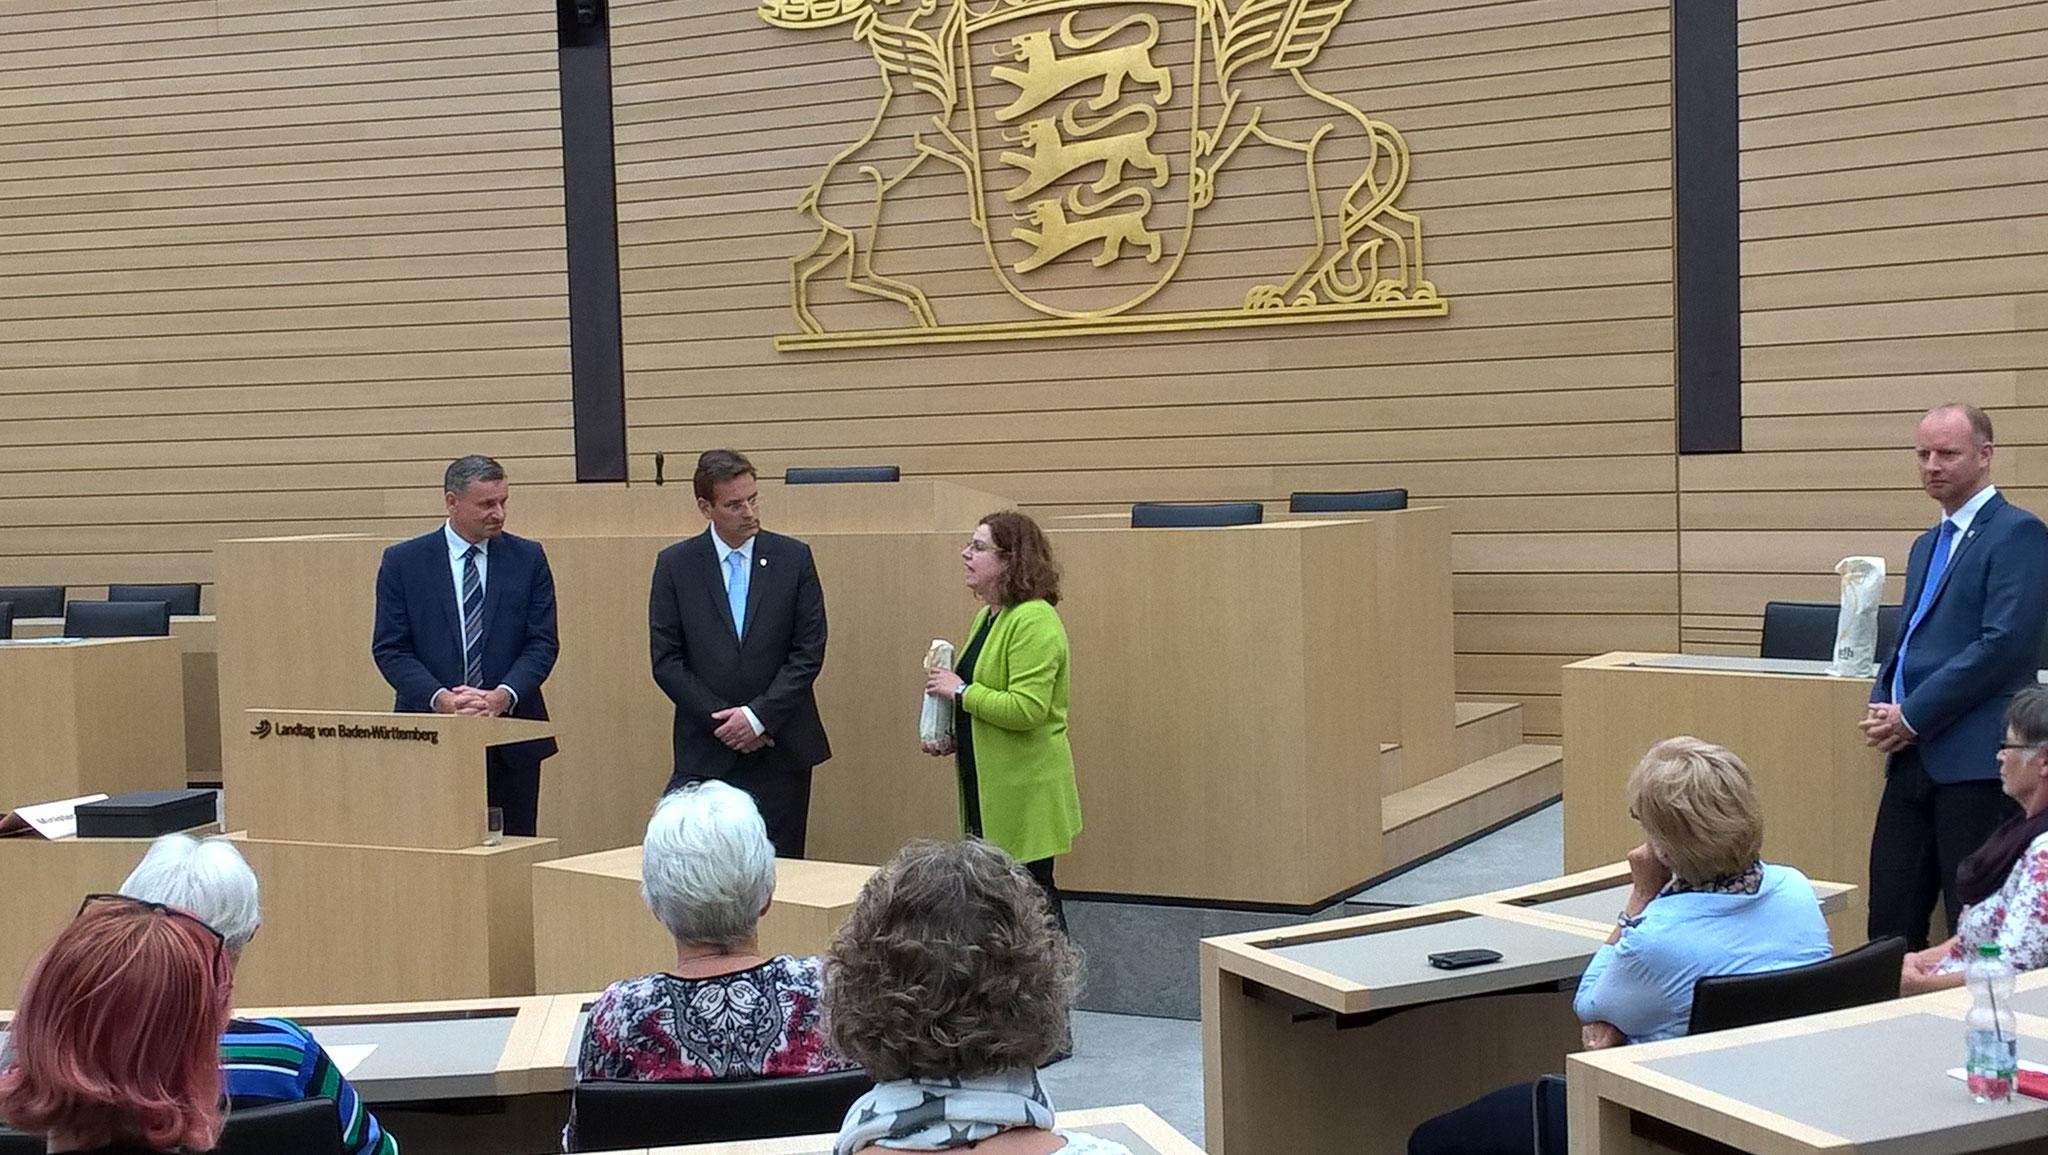 07-17 Besuch im Landtag Stuttgart, Ruth Baumstark bedankt sich bei Dr. Hans-Ulrich Rülke